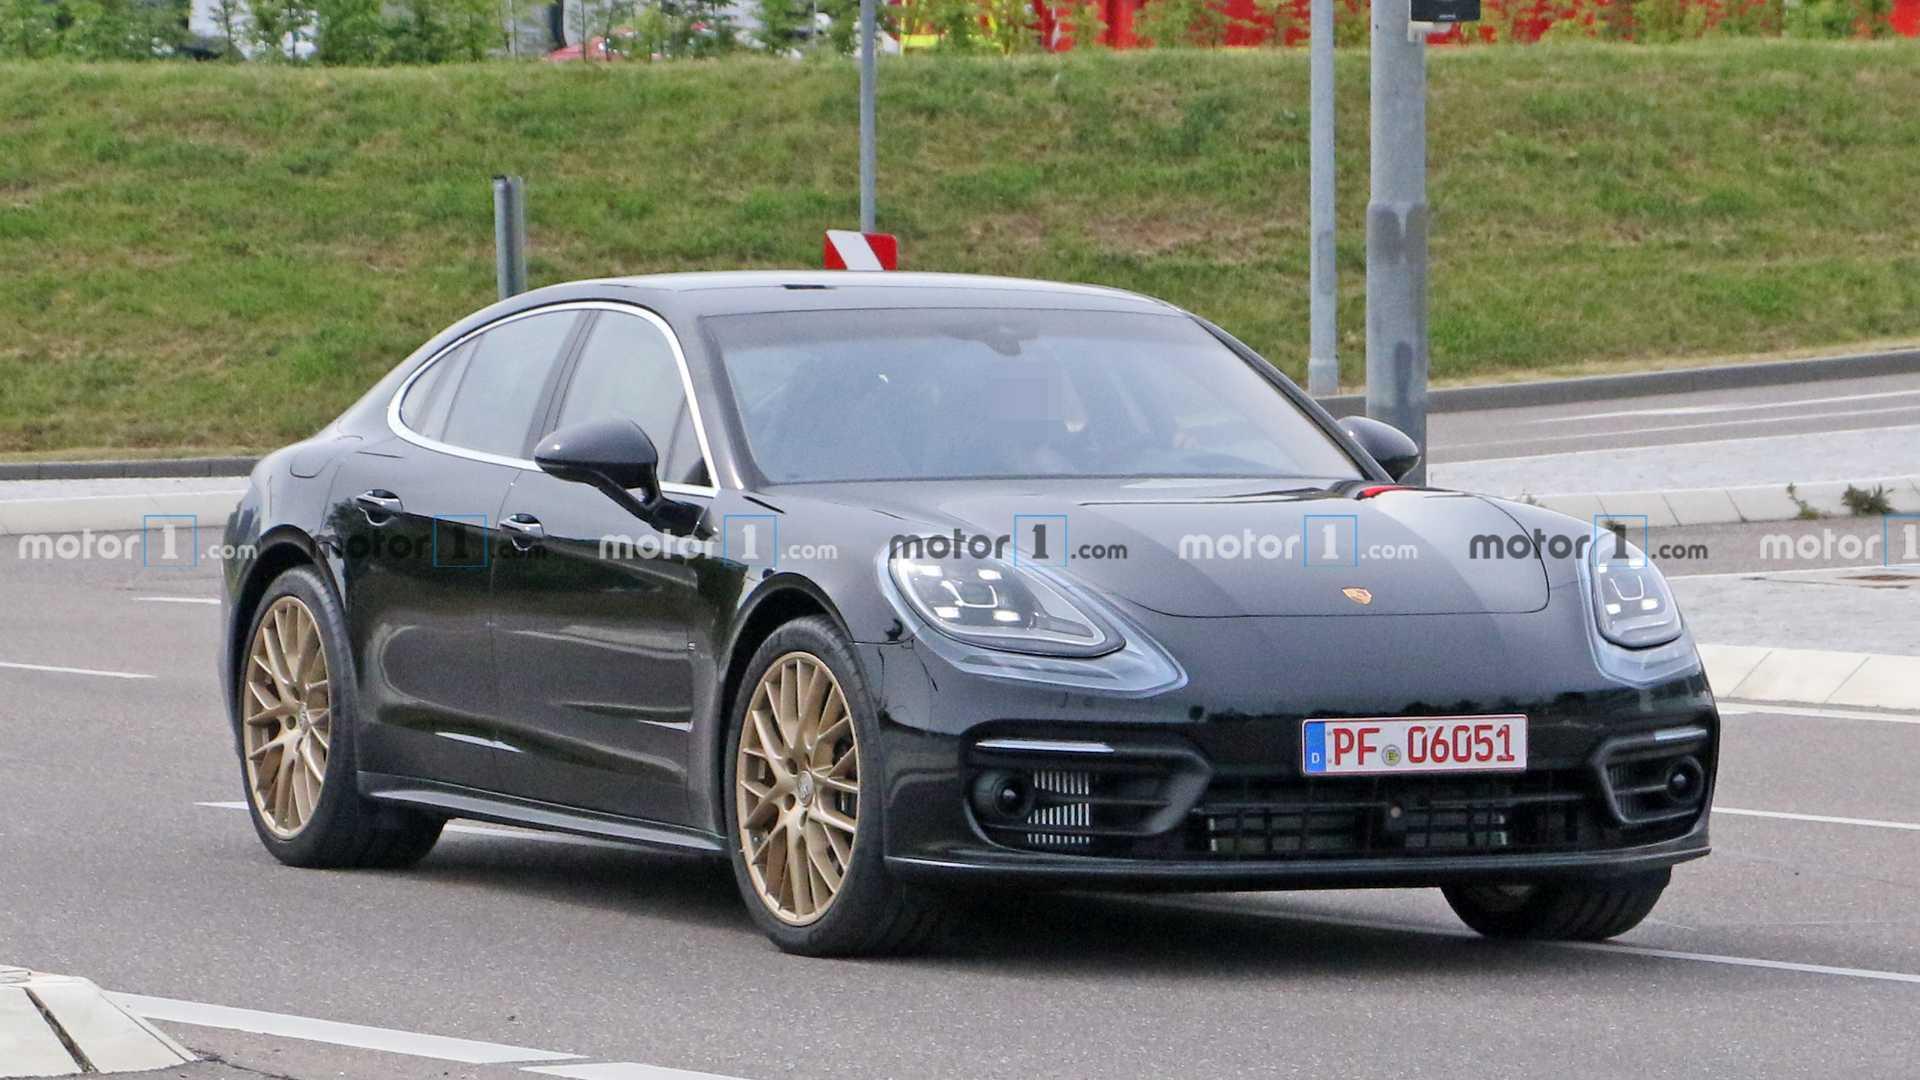 Второе поколение Porsche Panamera дебютировало почти четыре года назад, а теперь немцы испытывают рестайлинговый хетчбэк. Недавно фотошпионы засняли его почти без камуфляжа.